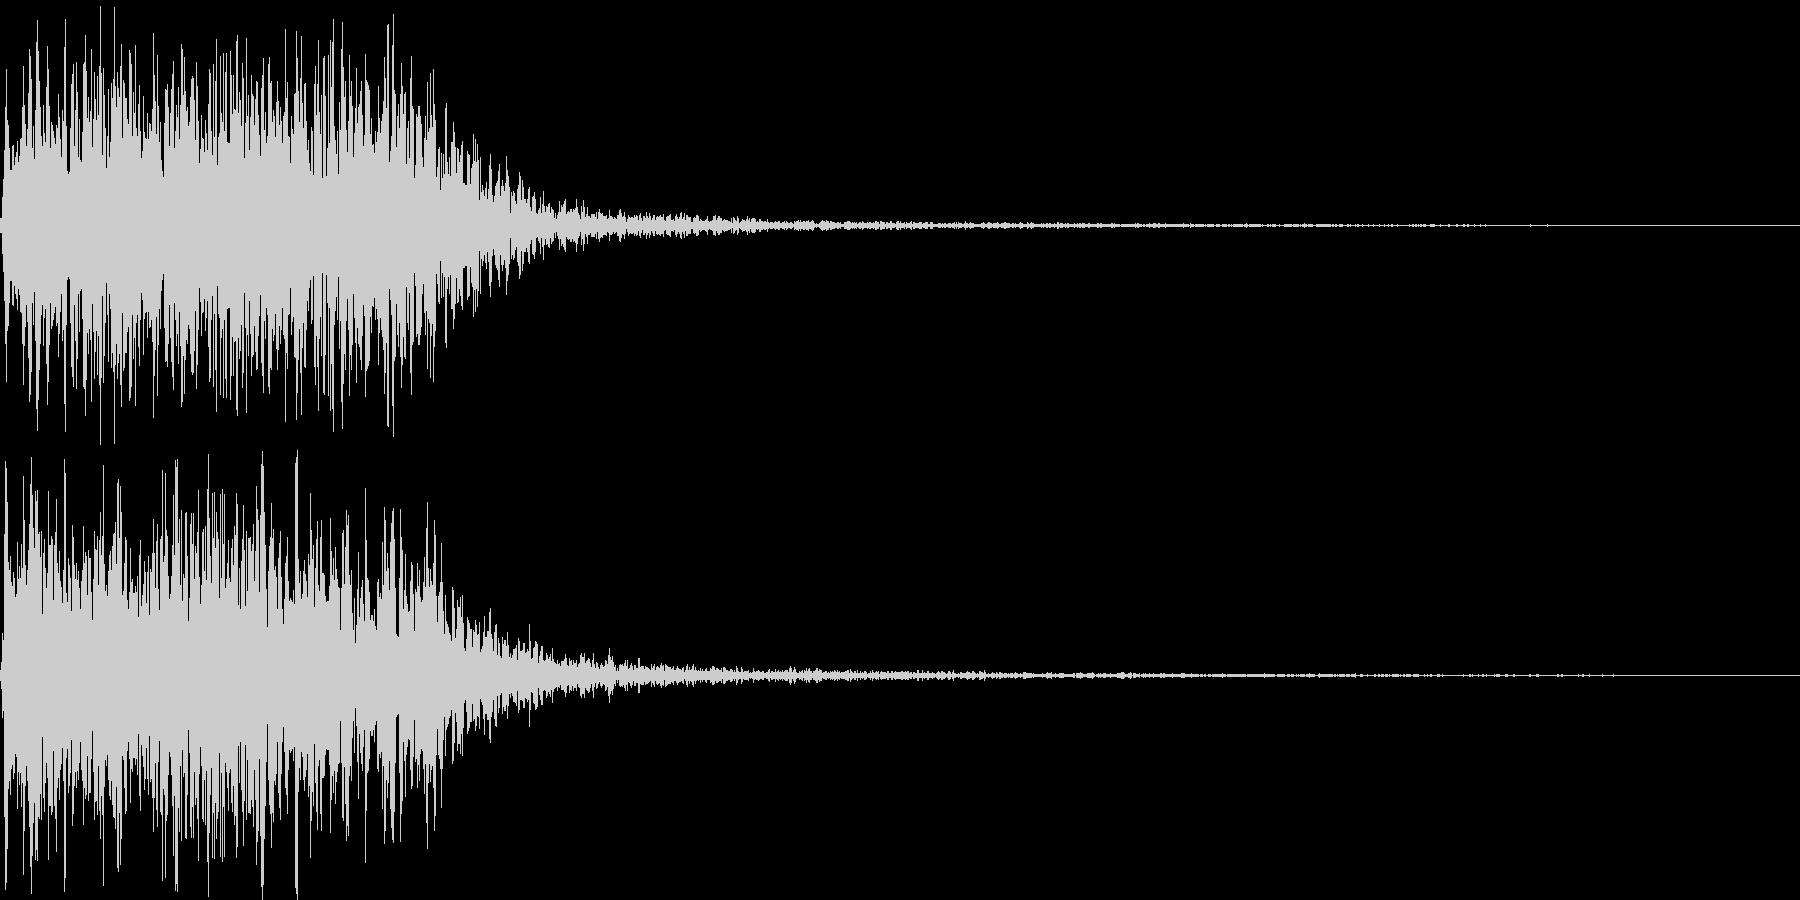 吹きすさぶ風・竜巻系の魔法(高2)sの未再生の波形